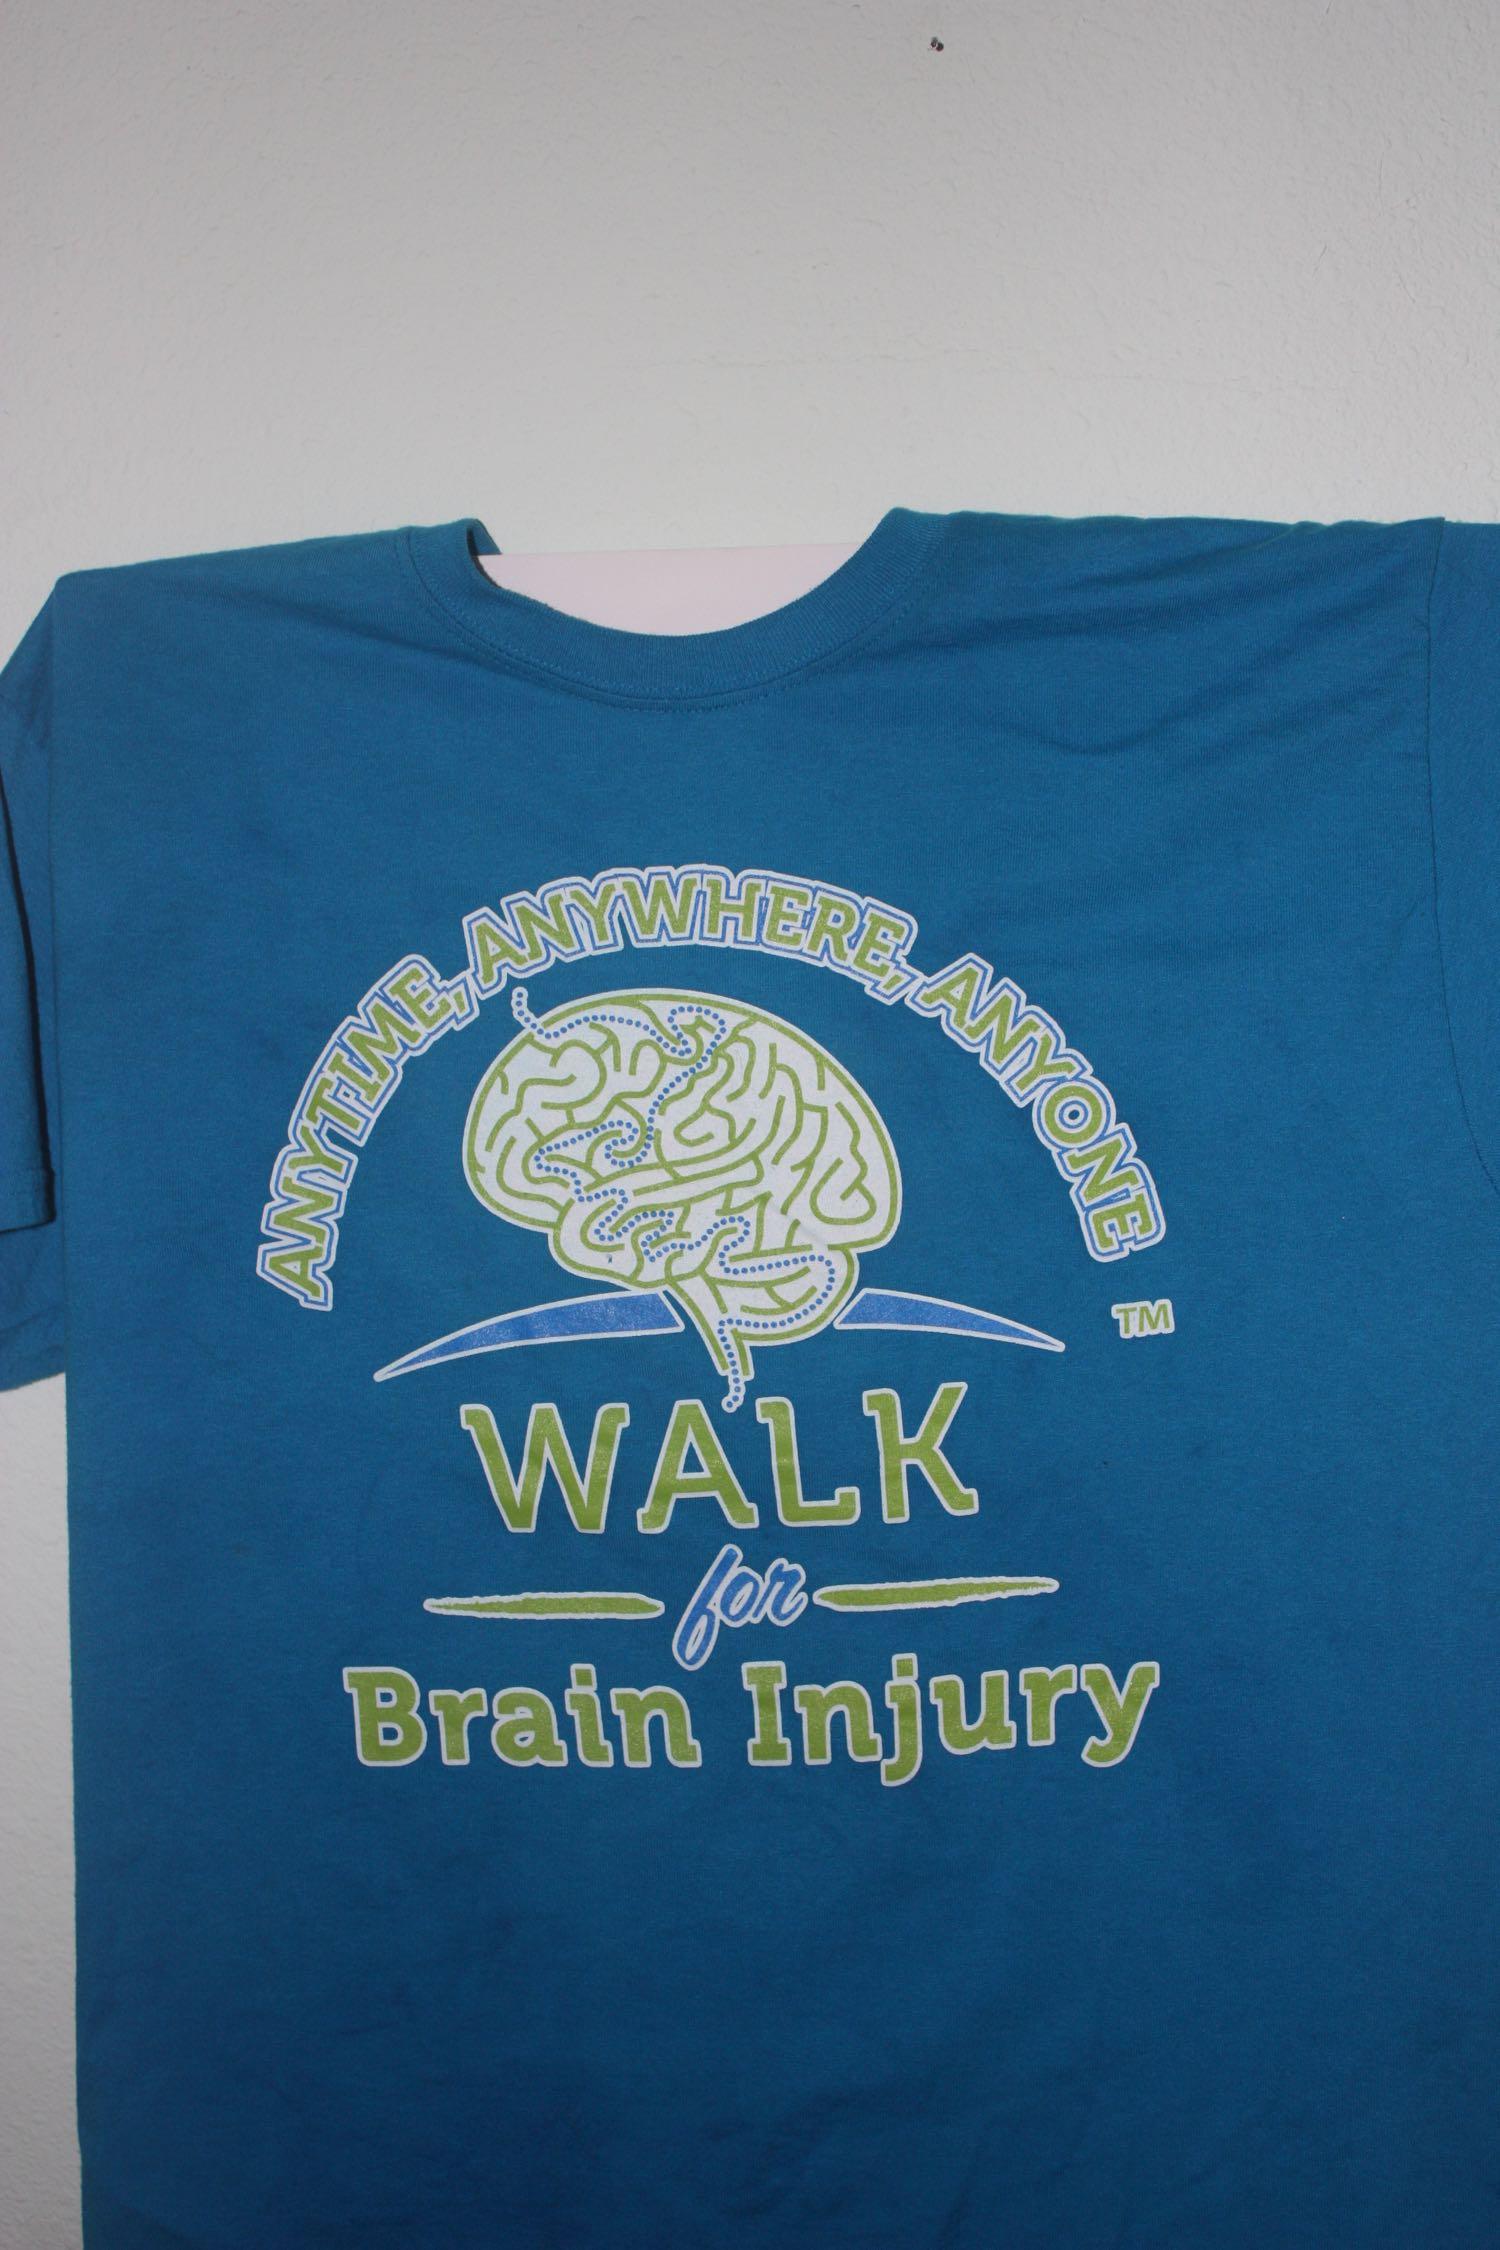 Brainwalk 1